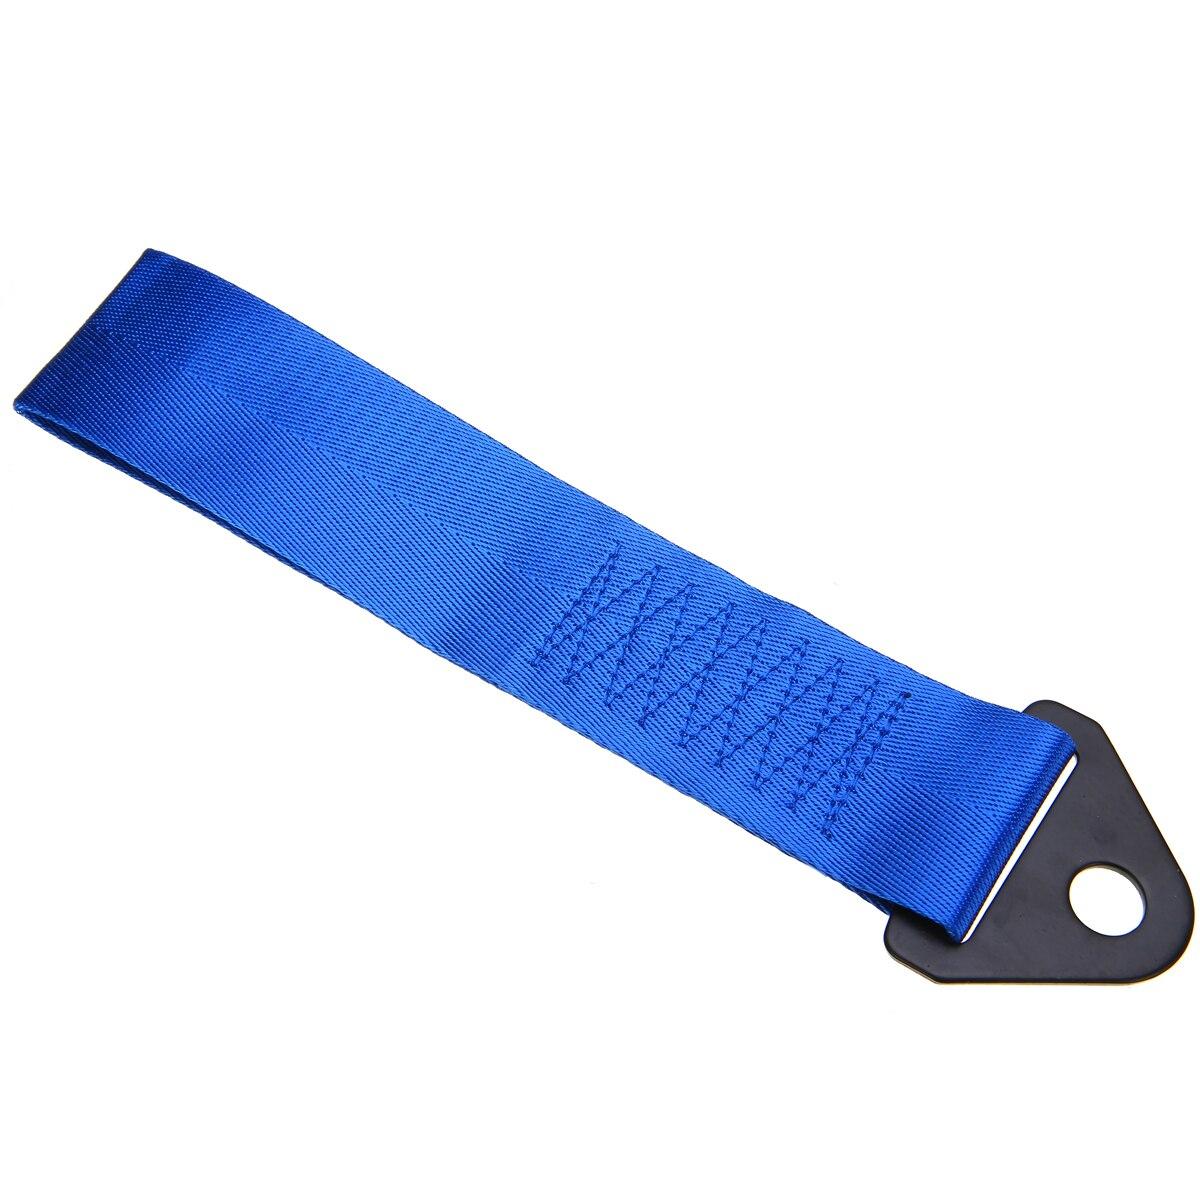 Mayitr 15 мм синий высокопрочный автомобиль Автогонки восстановление крюк Буксировочный ремень веревка нейлоновый ремень металлический кронш...